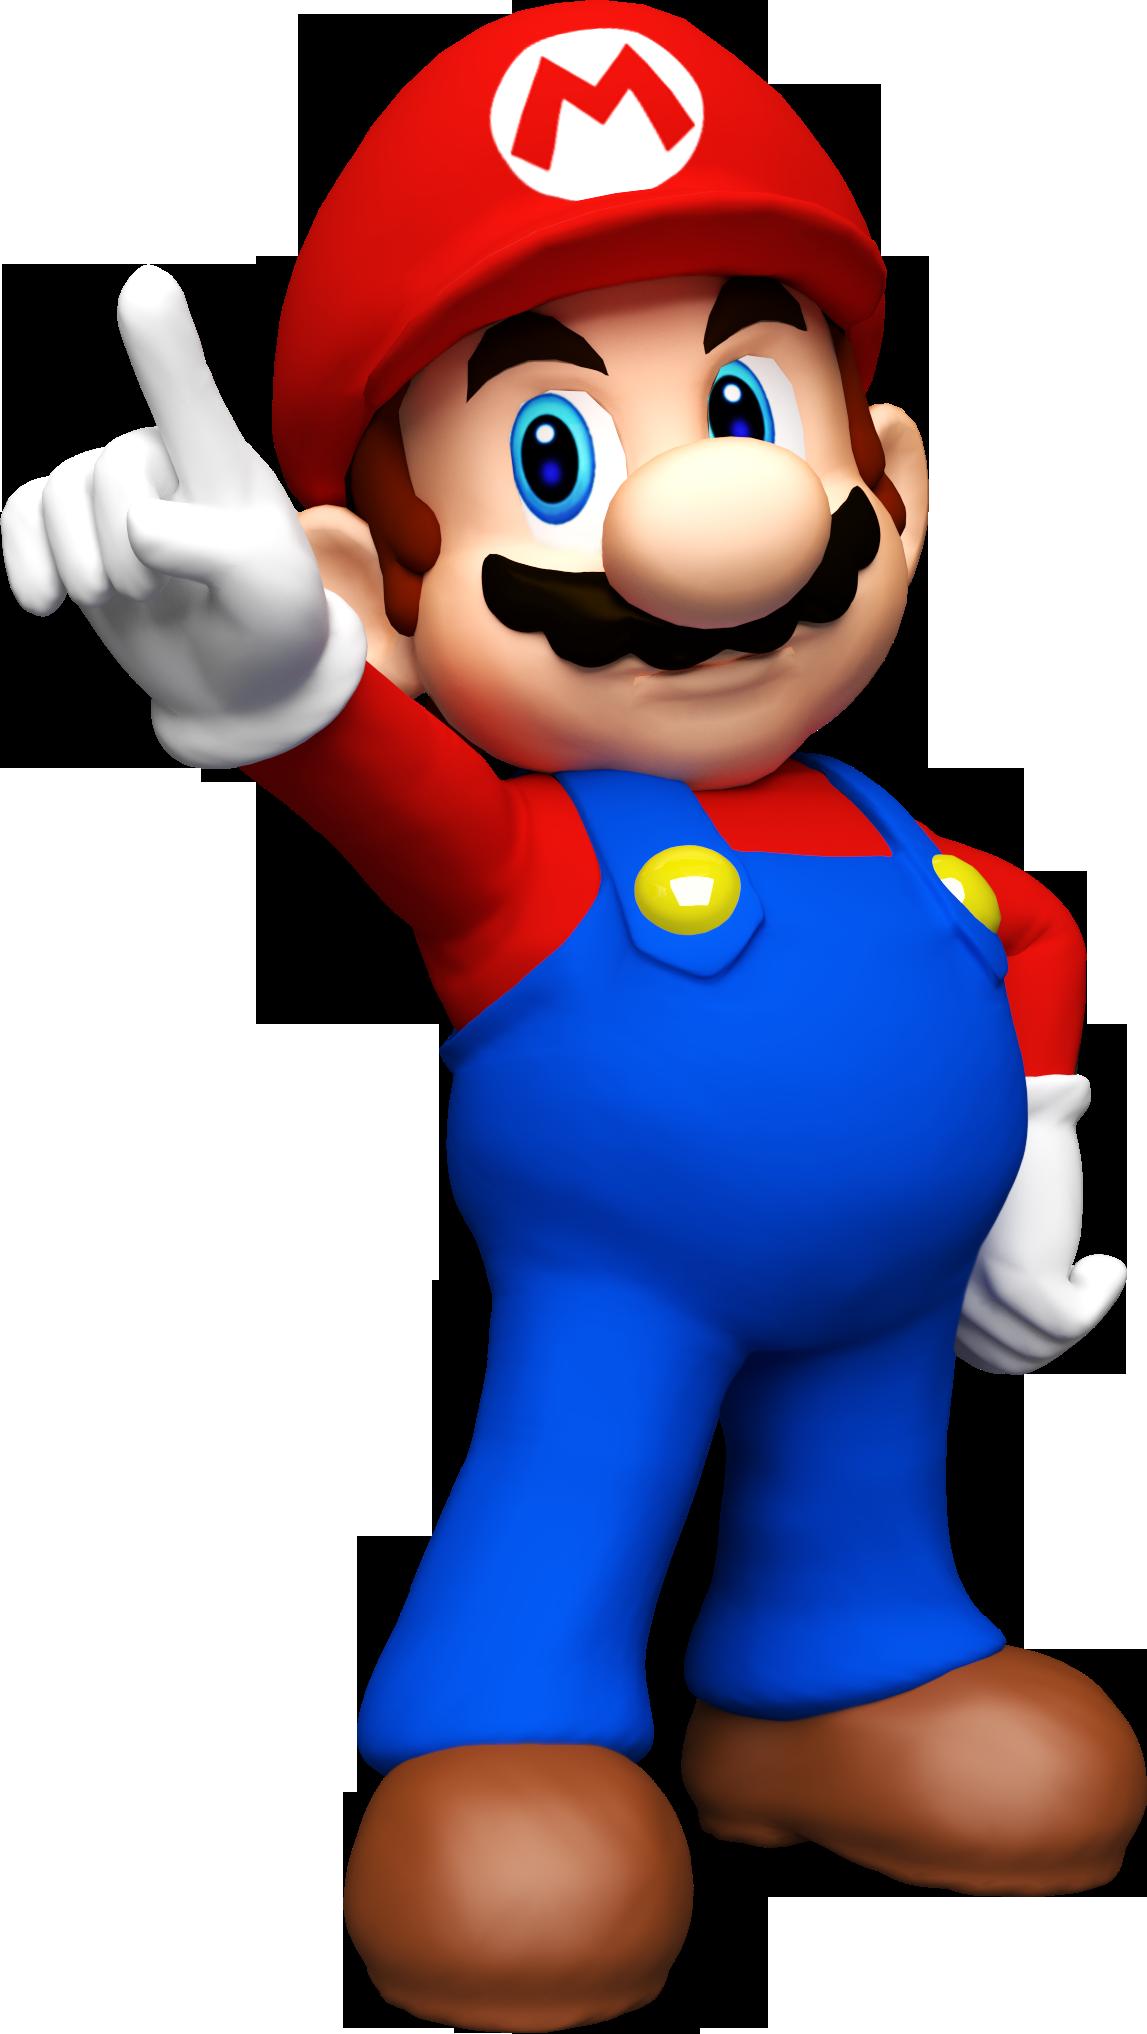 Mario peep holes by freeny on deviantART Super mario, Mario